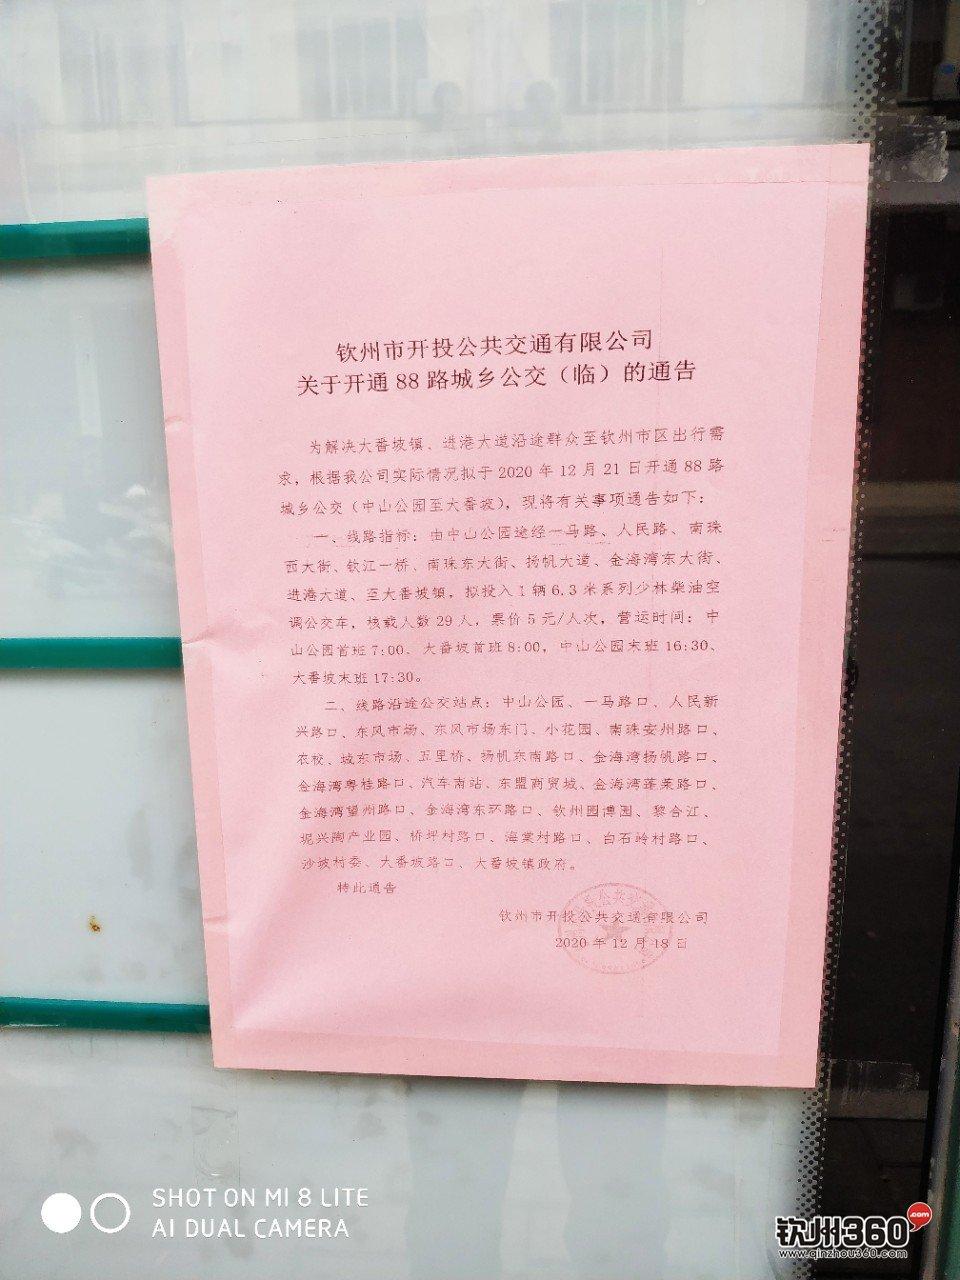 不按行人自助信号灯通行,城东市场11月查处765起